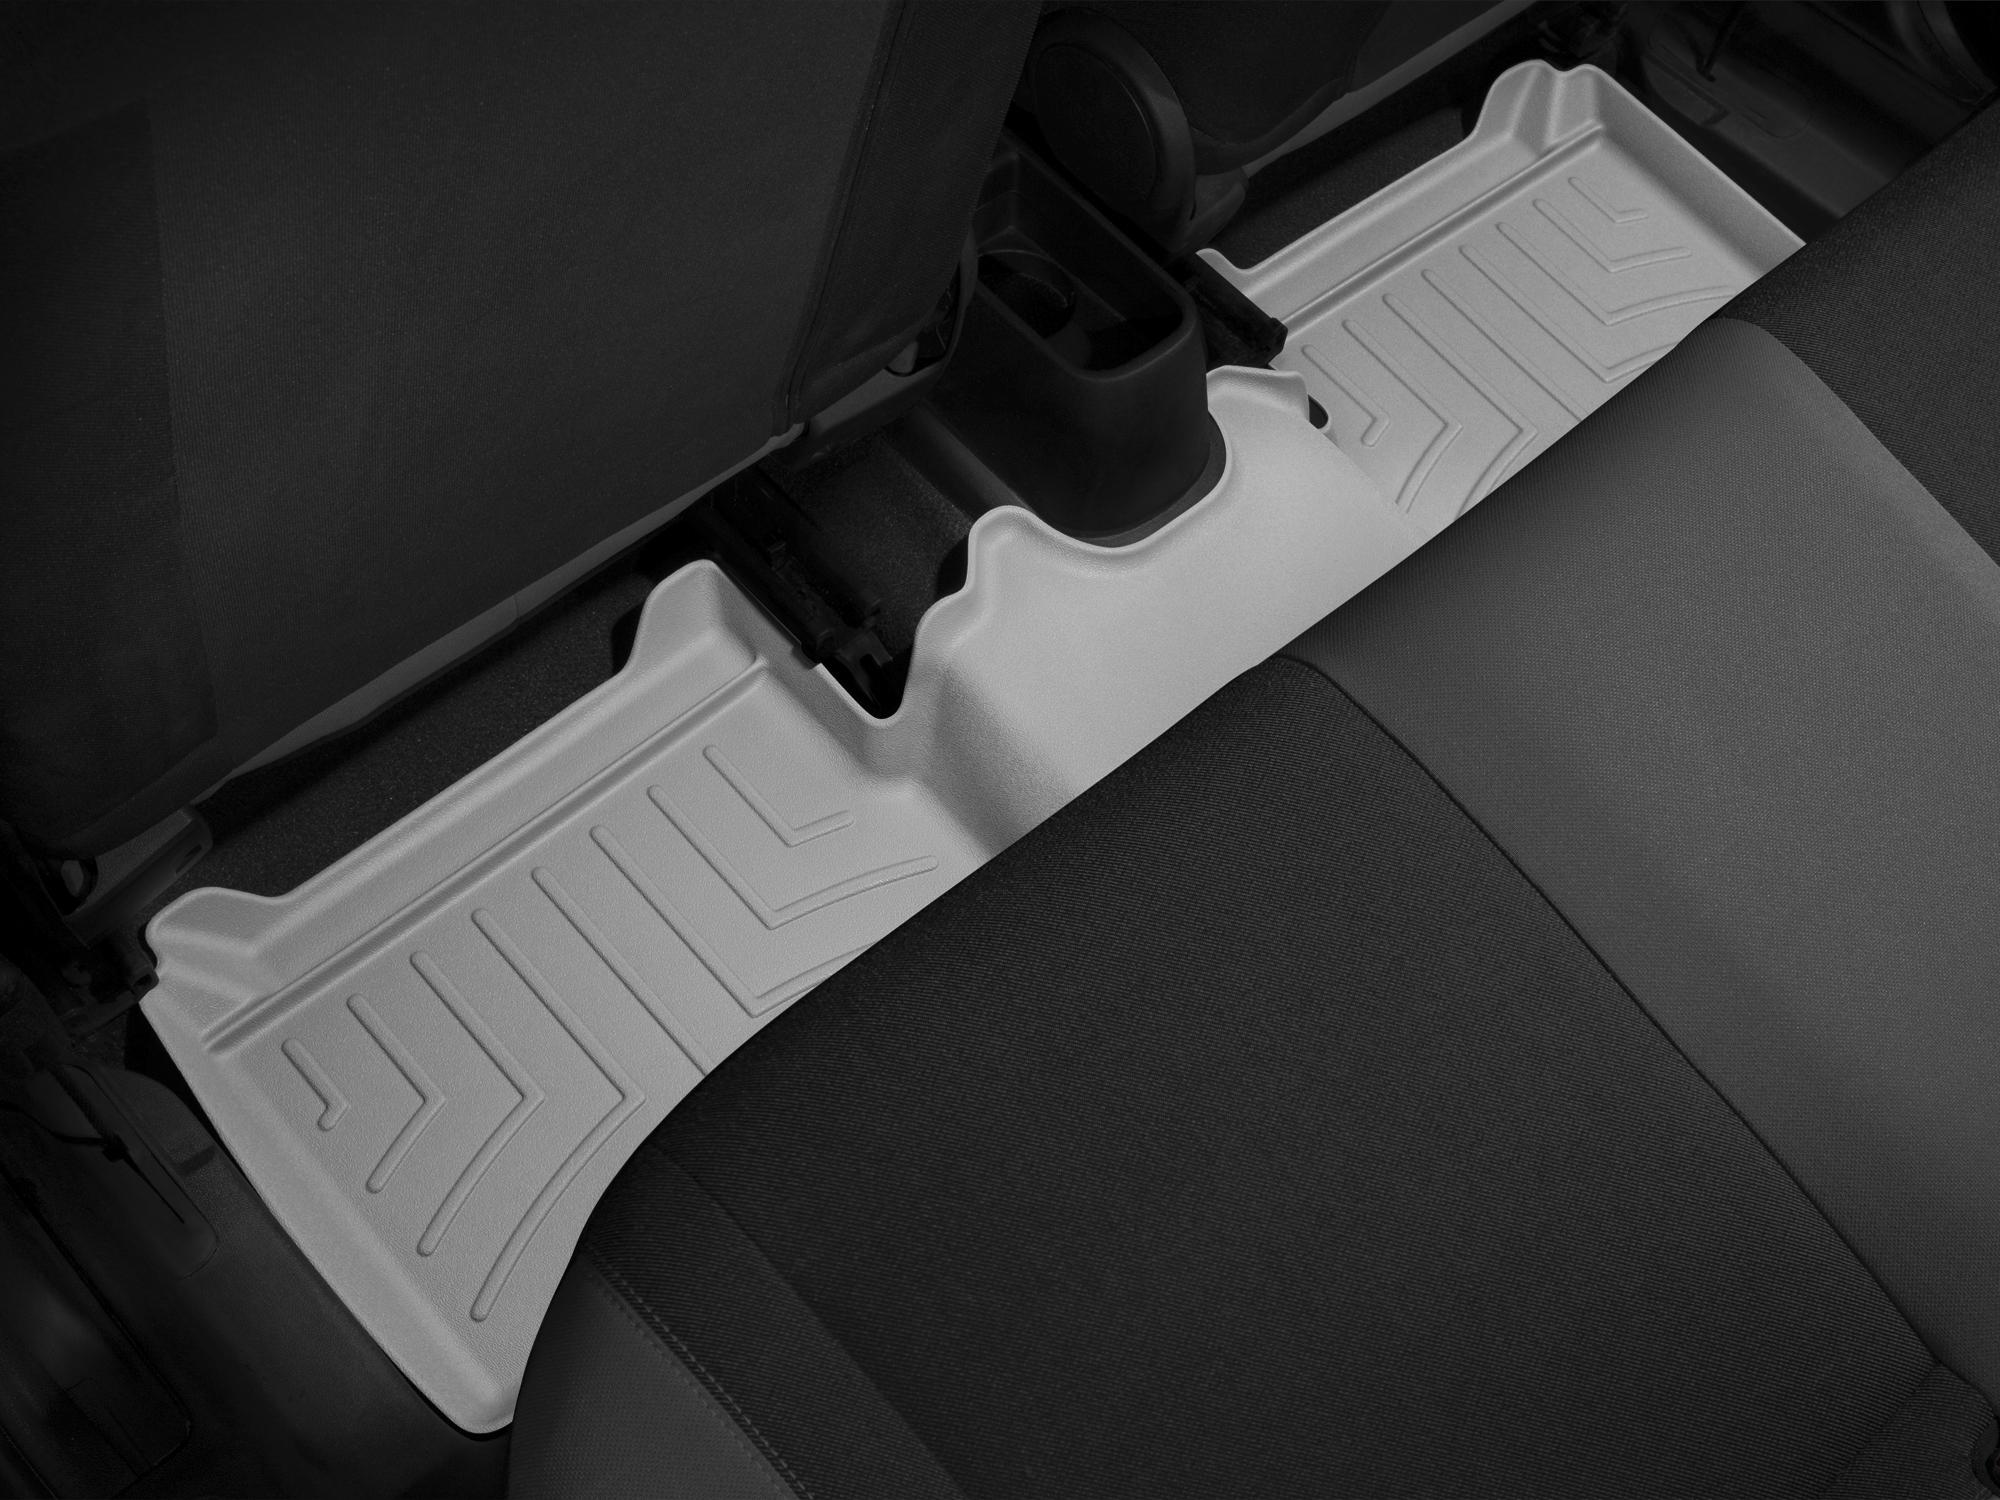 Tappeti gomma su misura bordo alto Fiat Punto 12>17 Grigio A825*